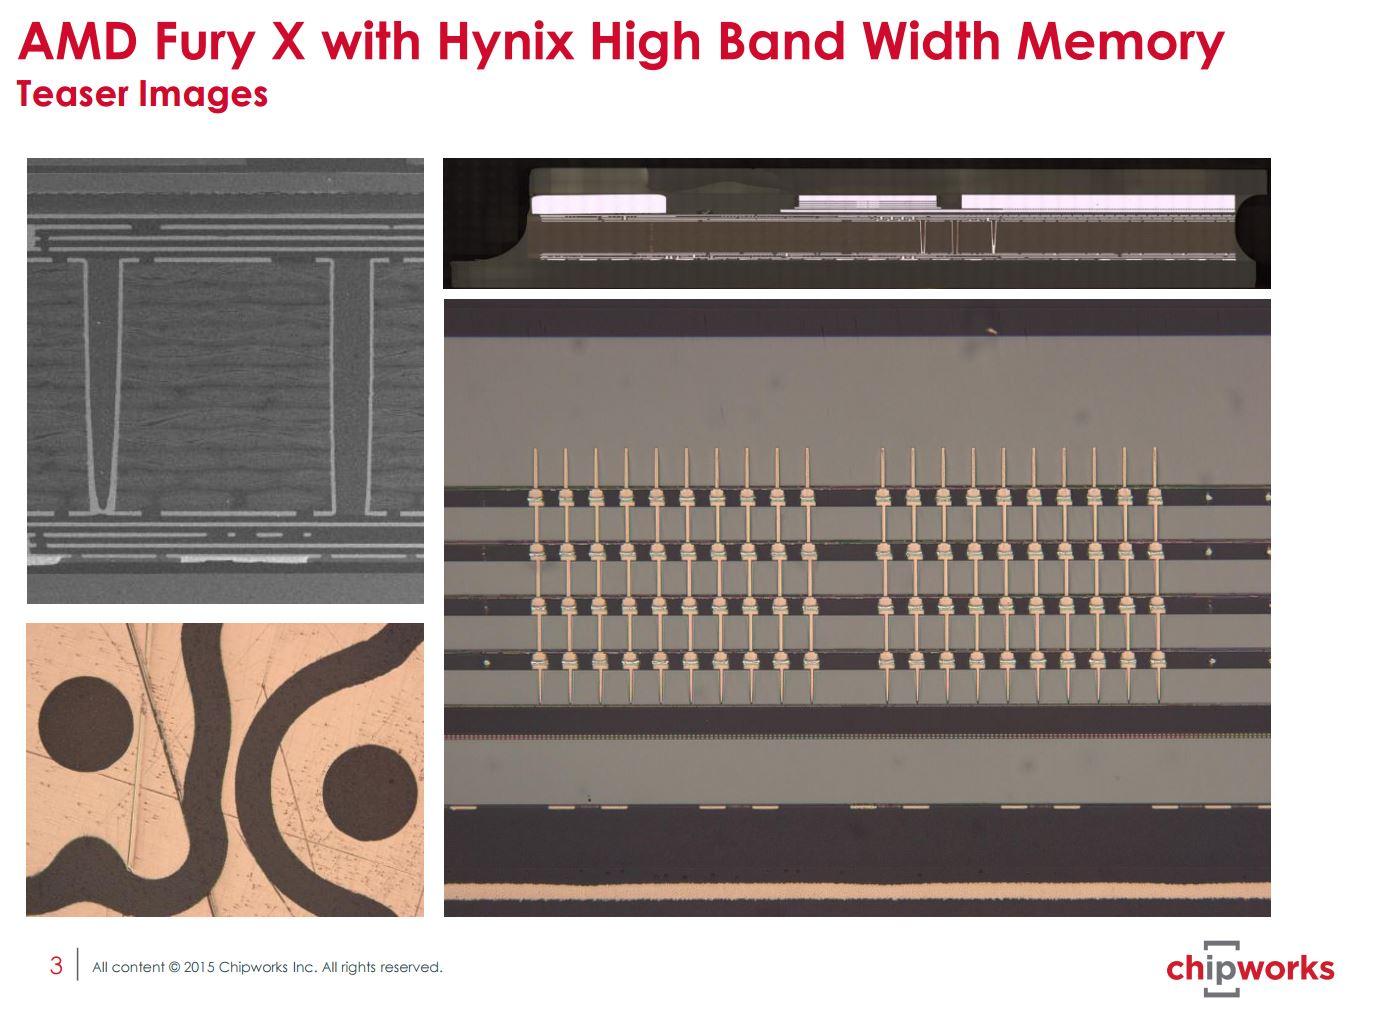 AMD HBM Die TSV X-Ray ChipWorks